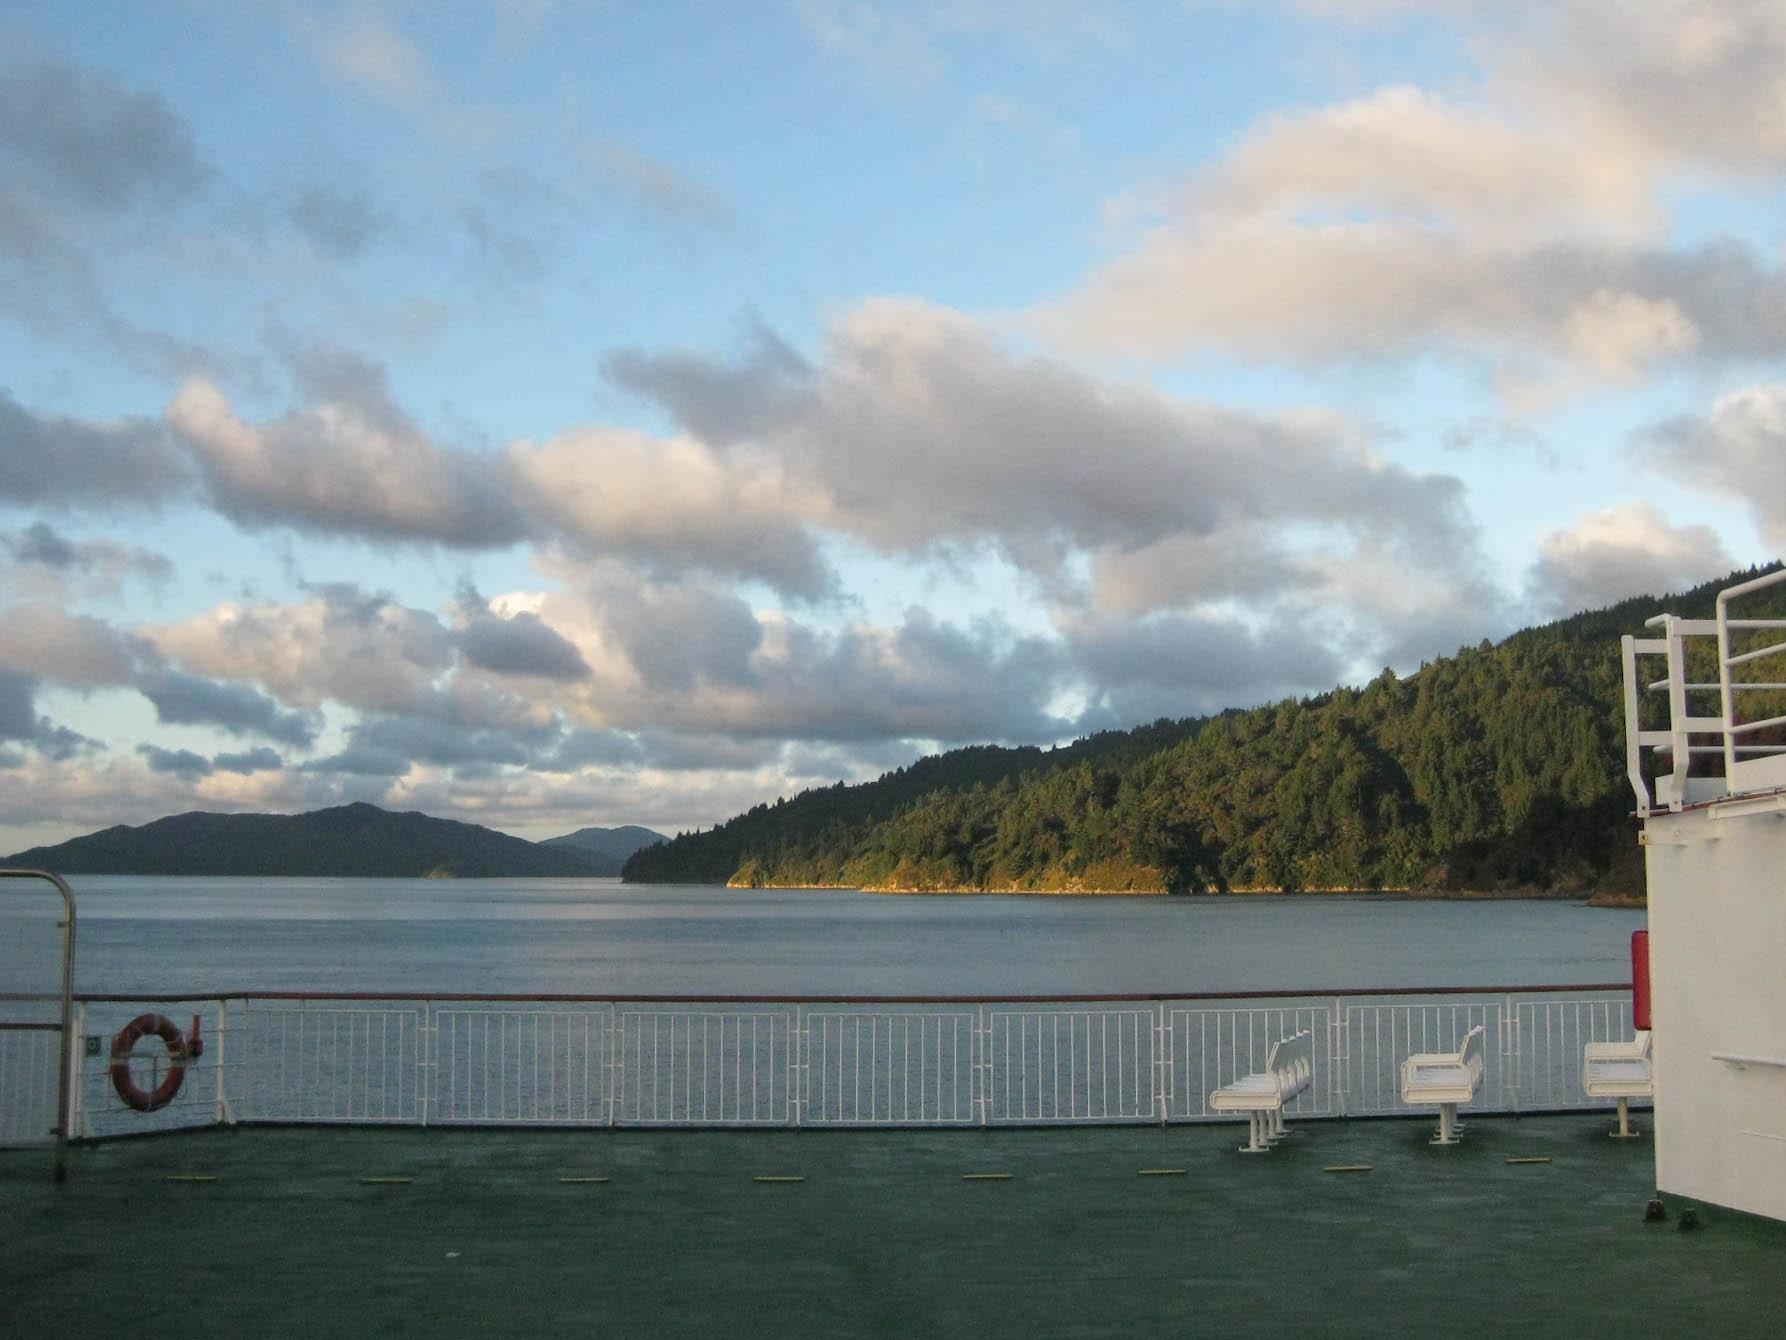 Nouvelle zélande - traversée ferry - les lubies de Louise (7 sur 10)